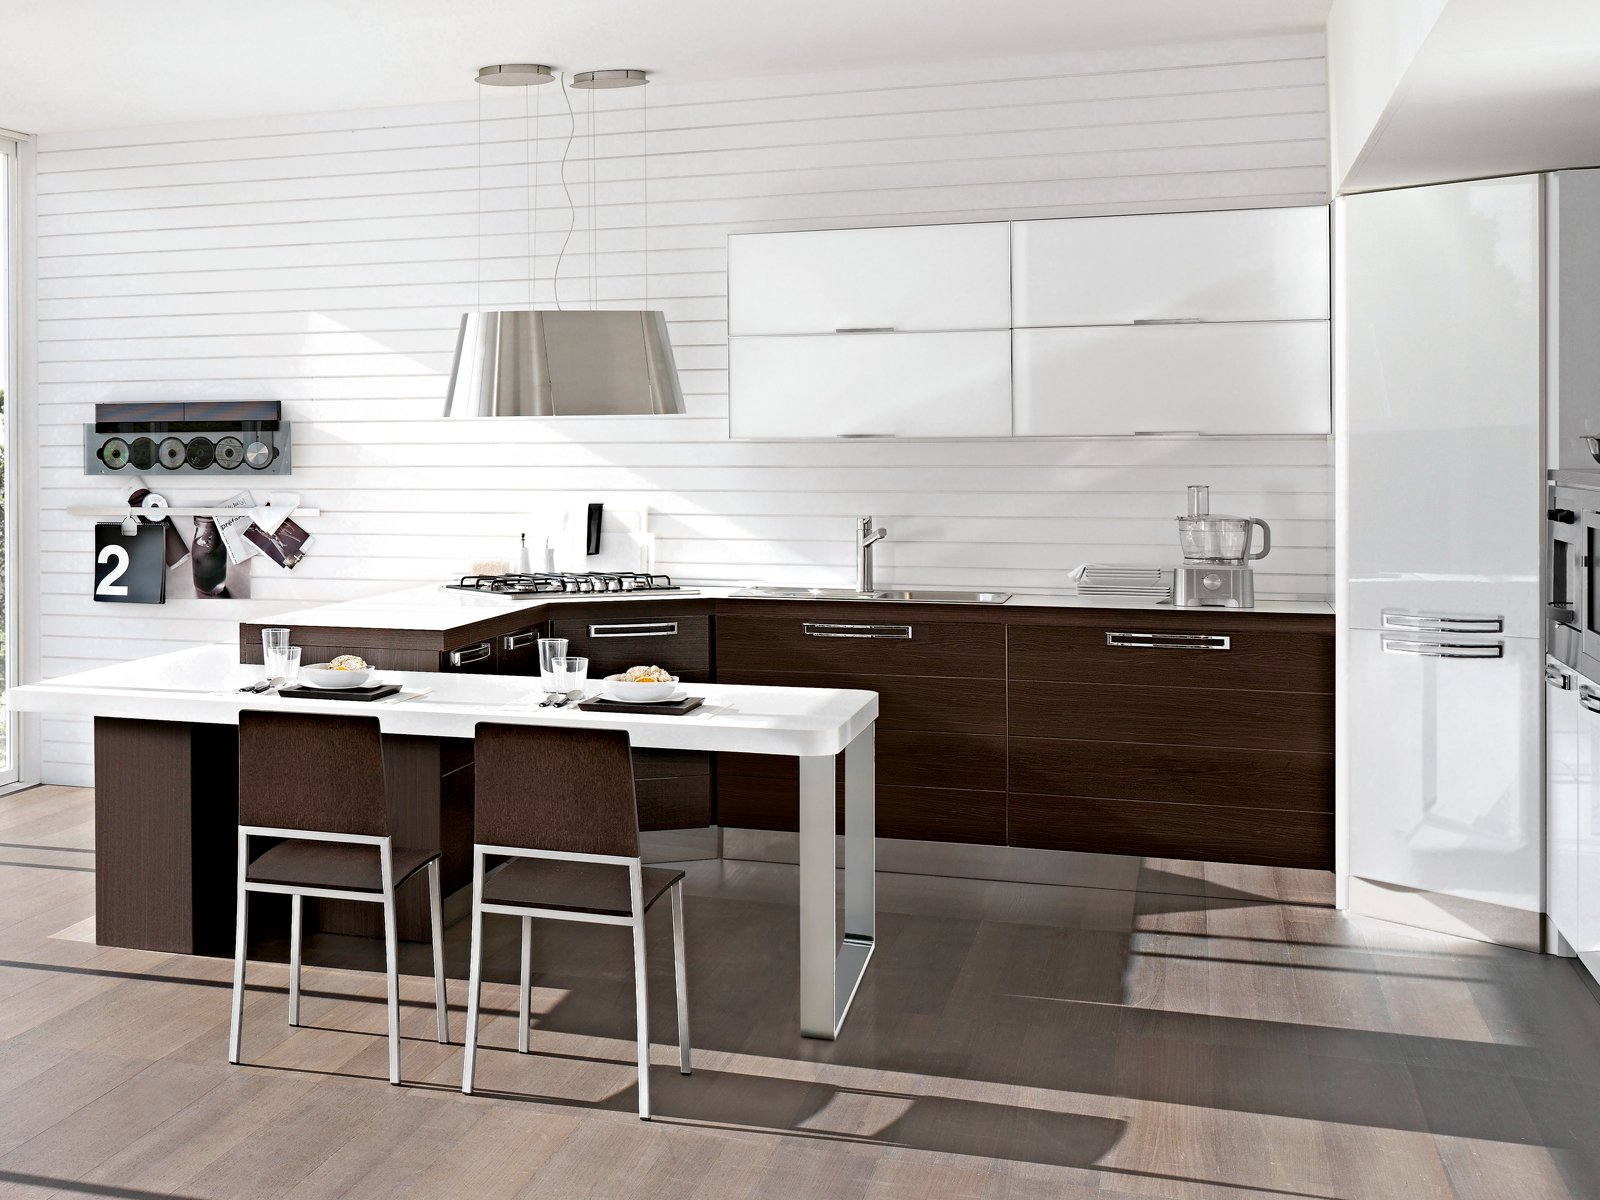 La cucina in soggiorno cose di casa for Immagini per cucina